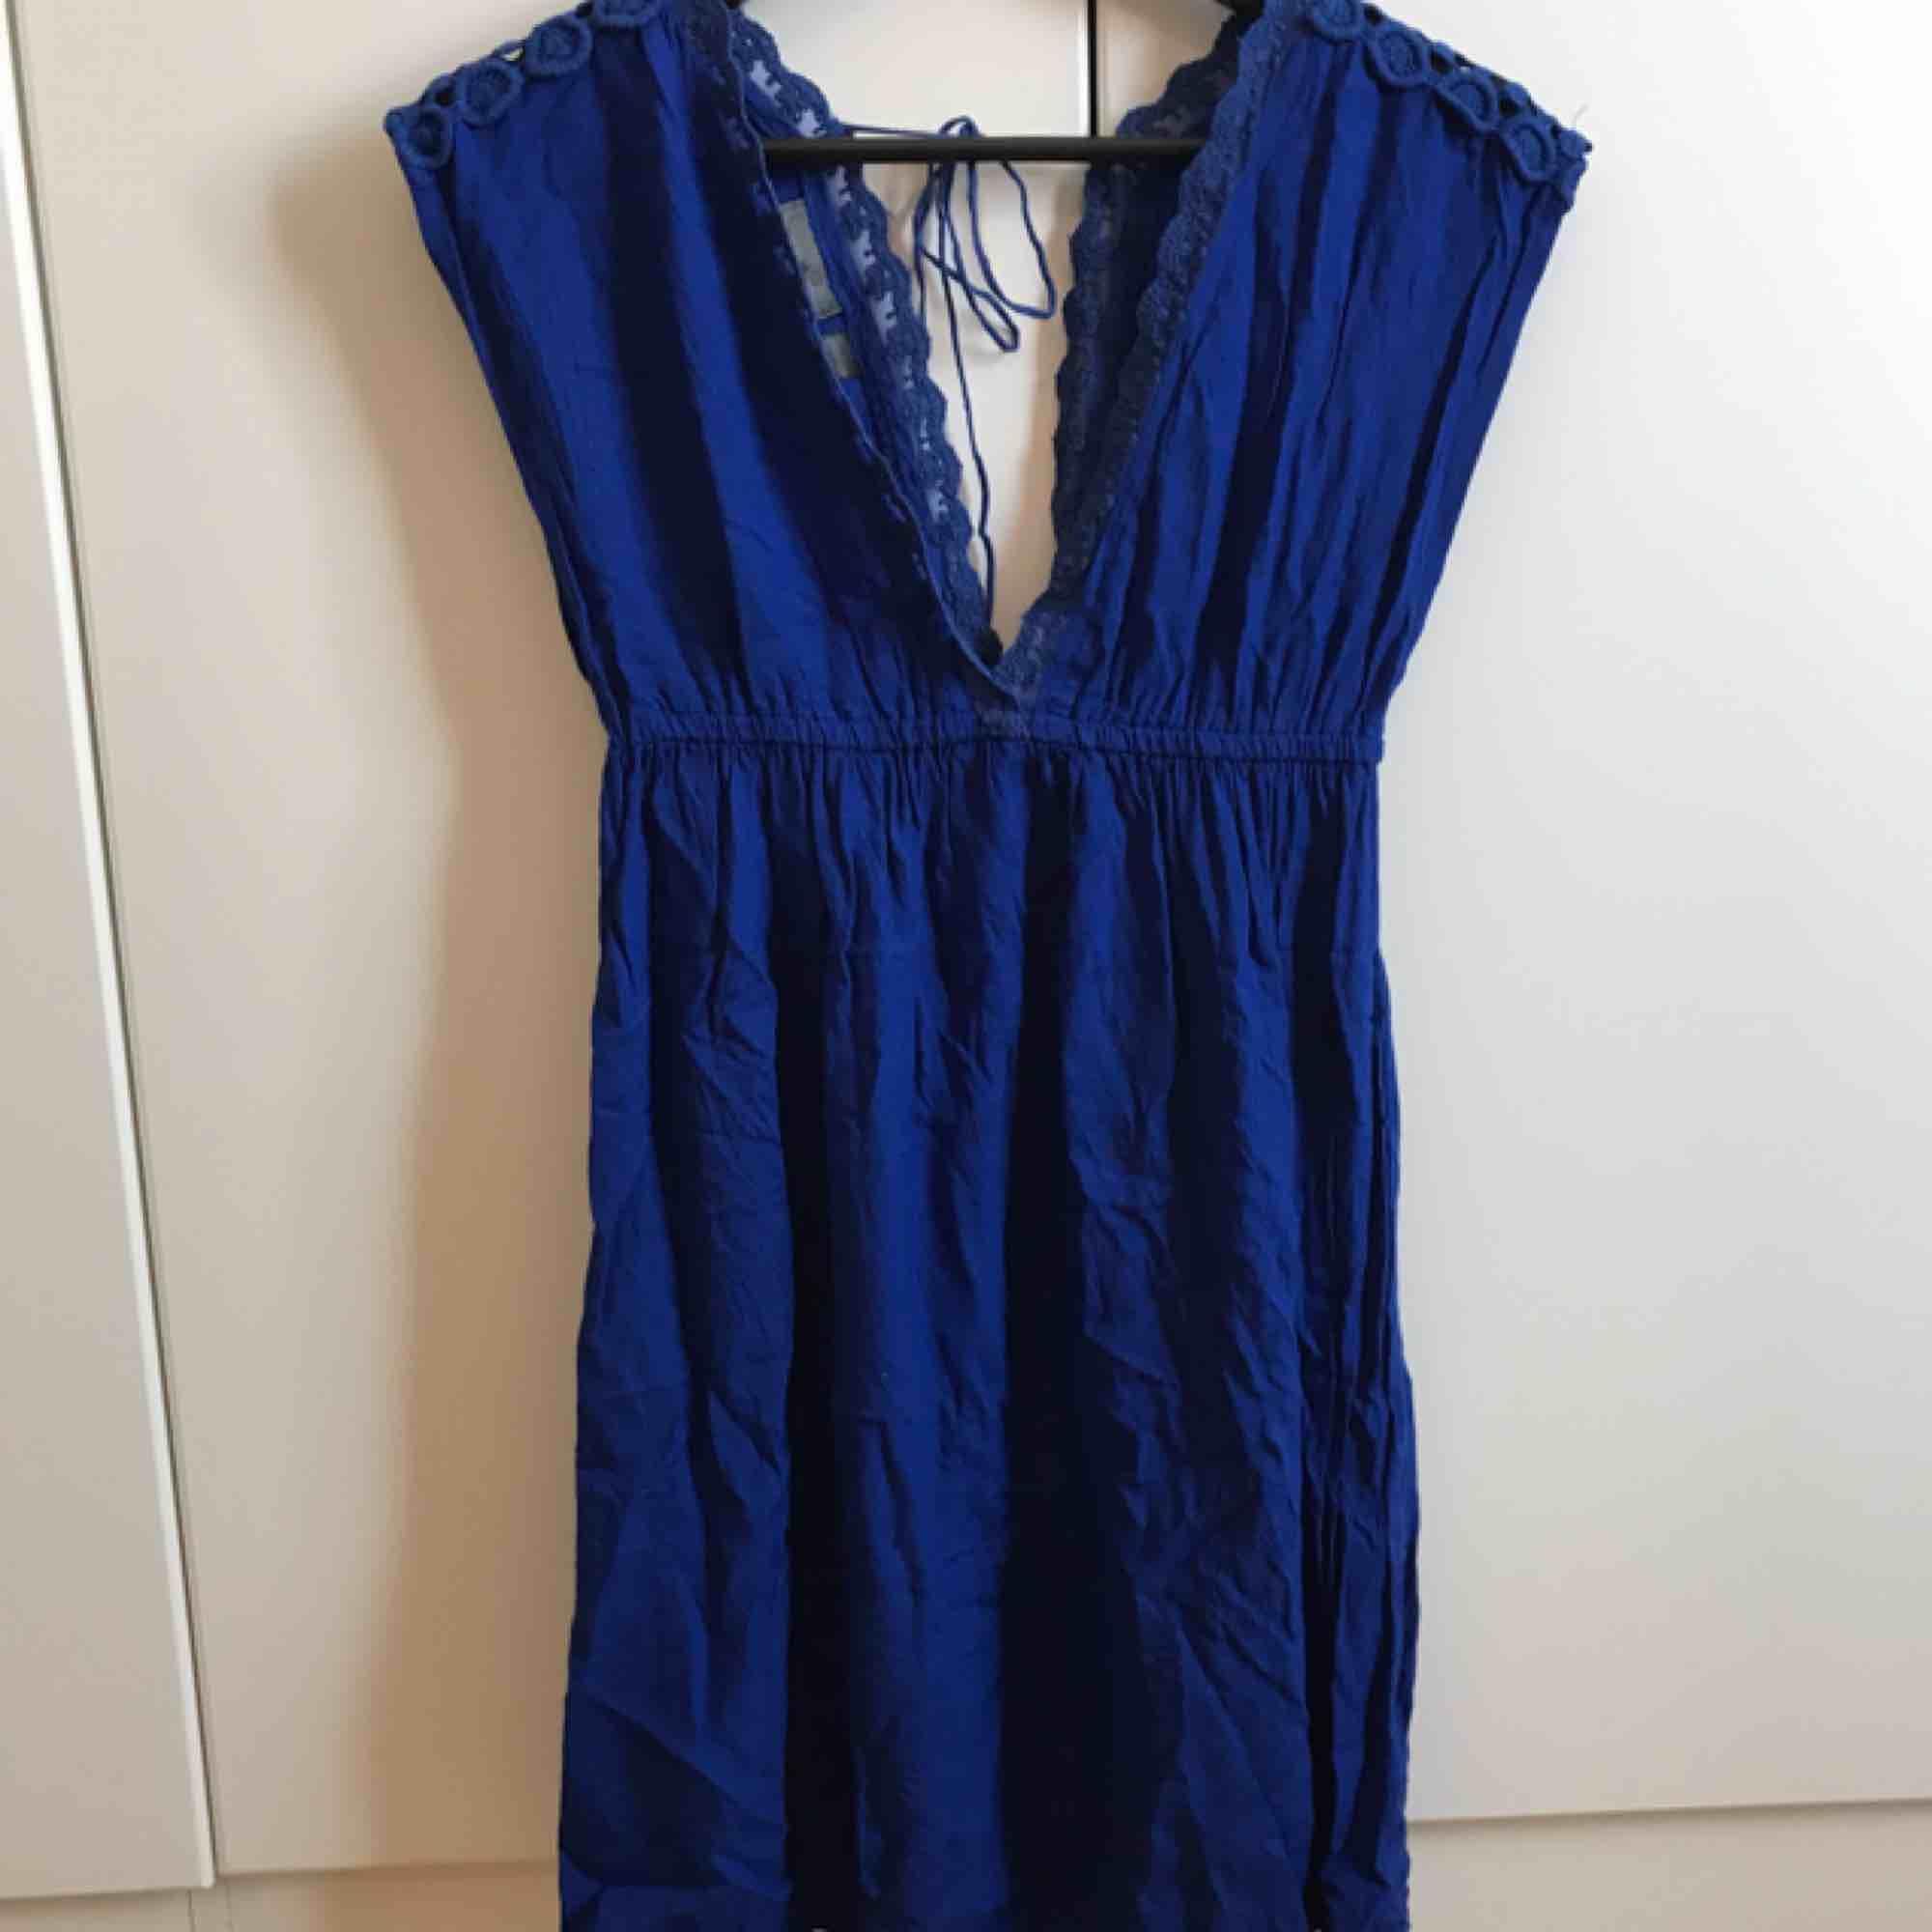 Strandklänning i fin djup blå färg från Accessorize, stl 34. Fina detaljer med snörning i ryggen. Köpt på Malta.. Klänningar.